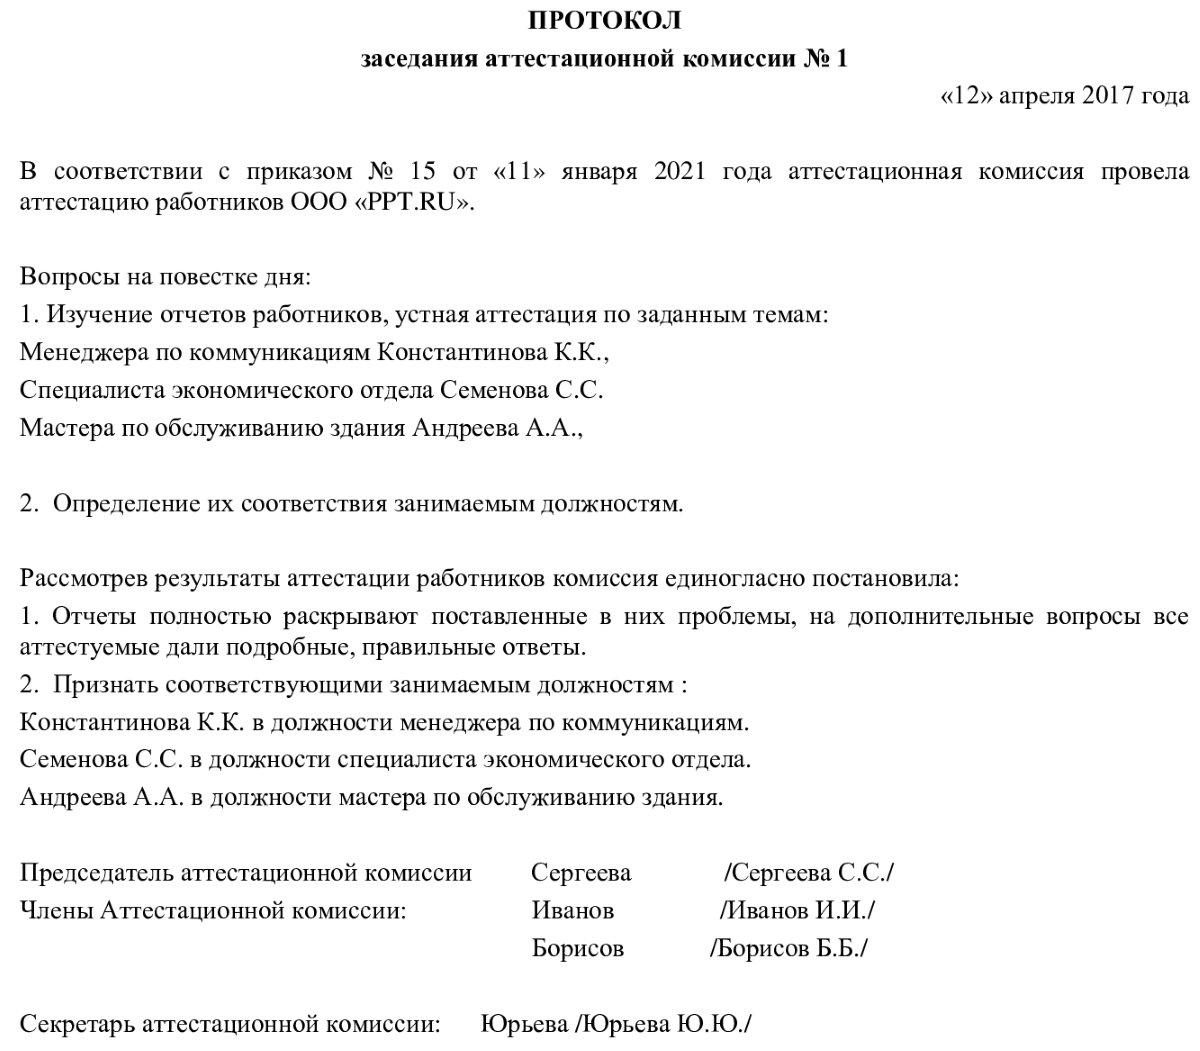 Образец протокола аттестации персонала